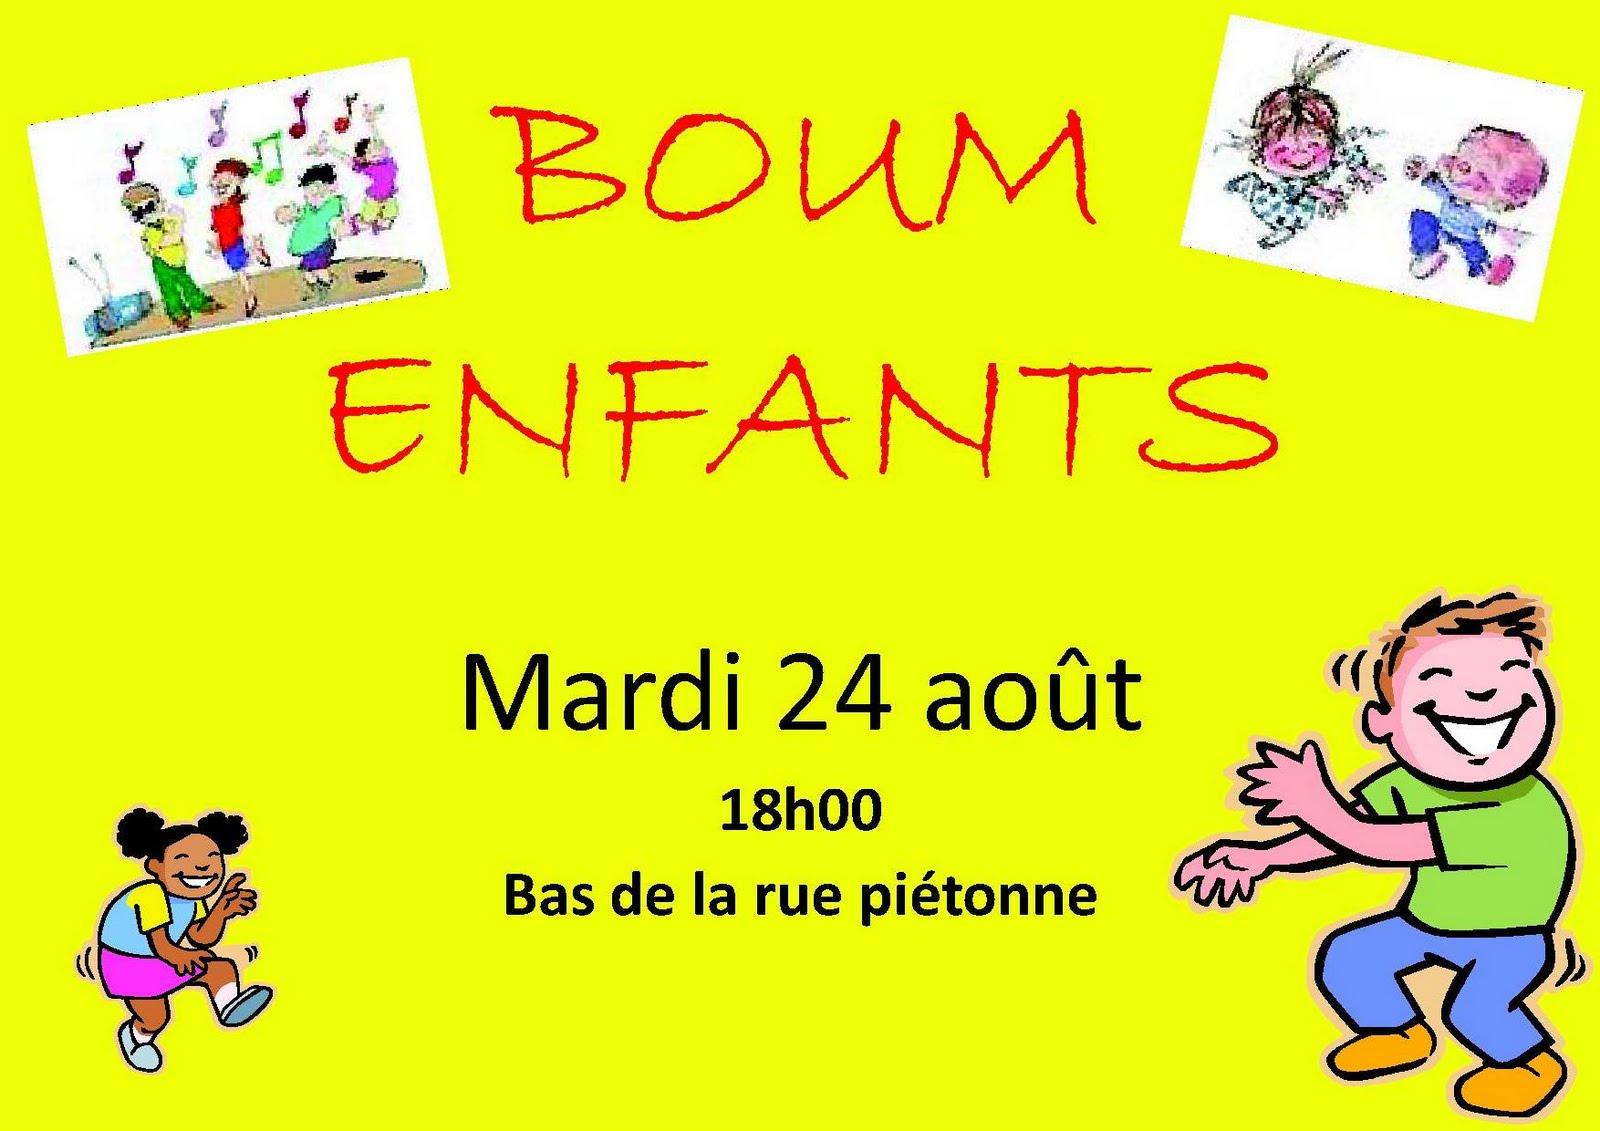 News de l 39 office de tourisme bourg d 39 oisans ao t 2010 - Le bourg d oisans office de tourisme ...